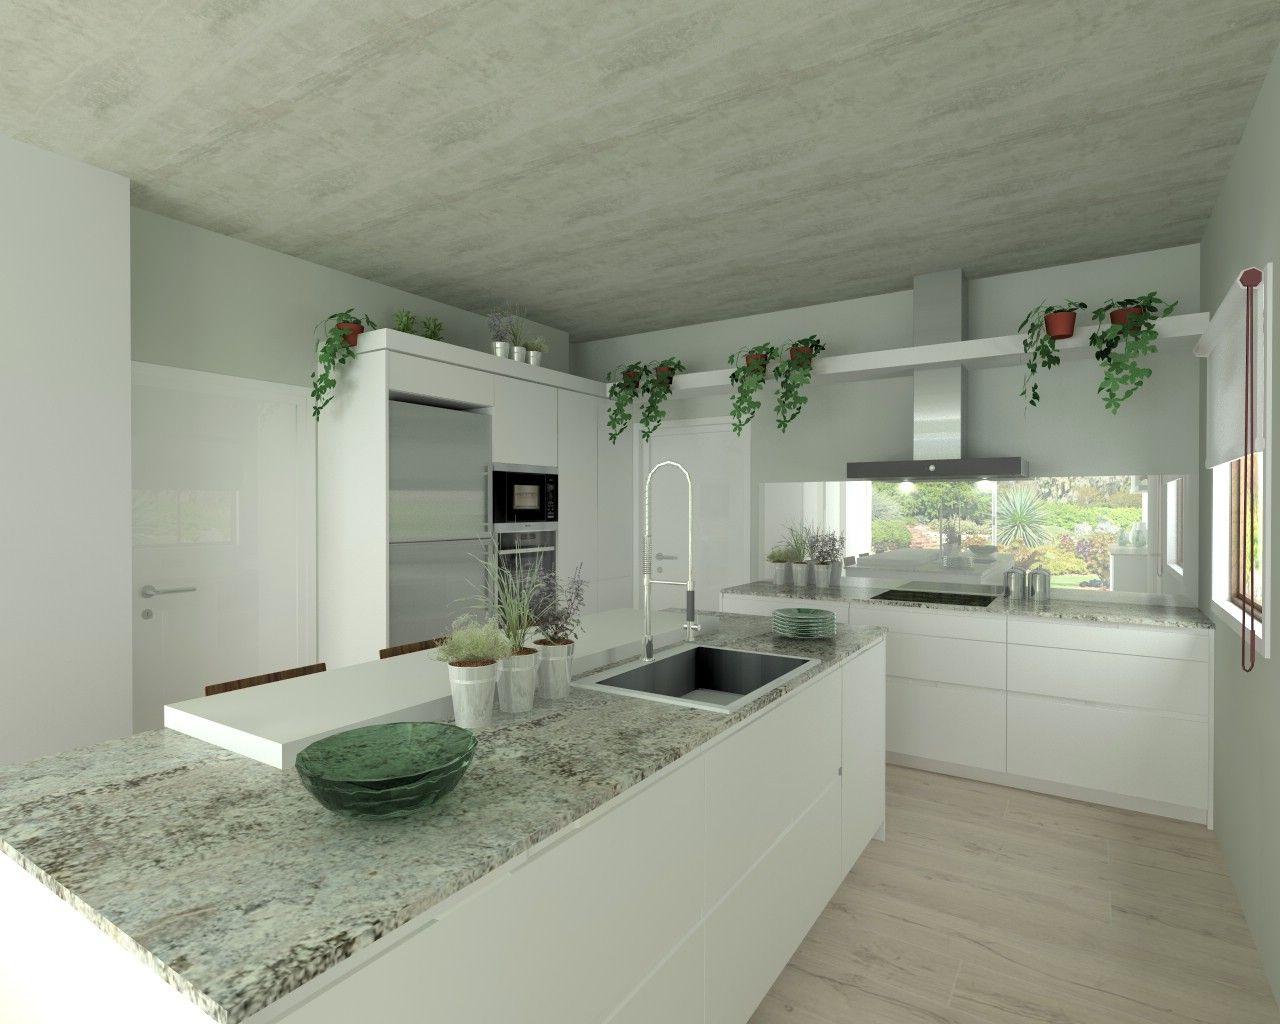 Cocina santos modelo intra l laminado blanco nieve encimera granito naturamia lennon cuines - Encimera cocina granito ...